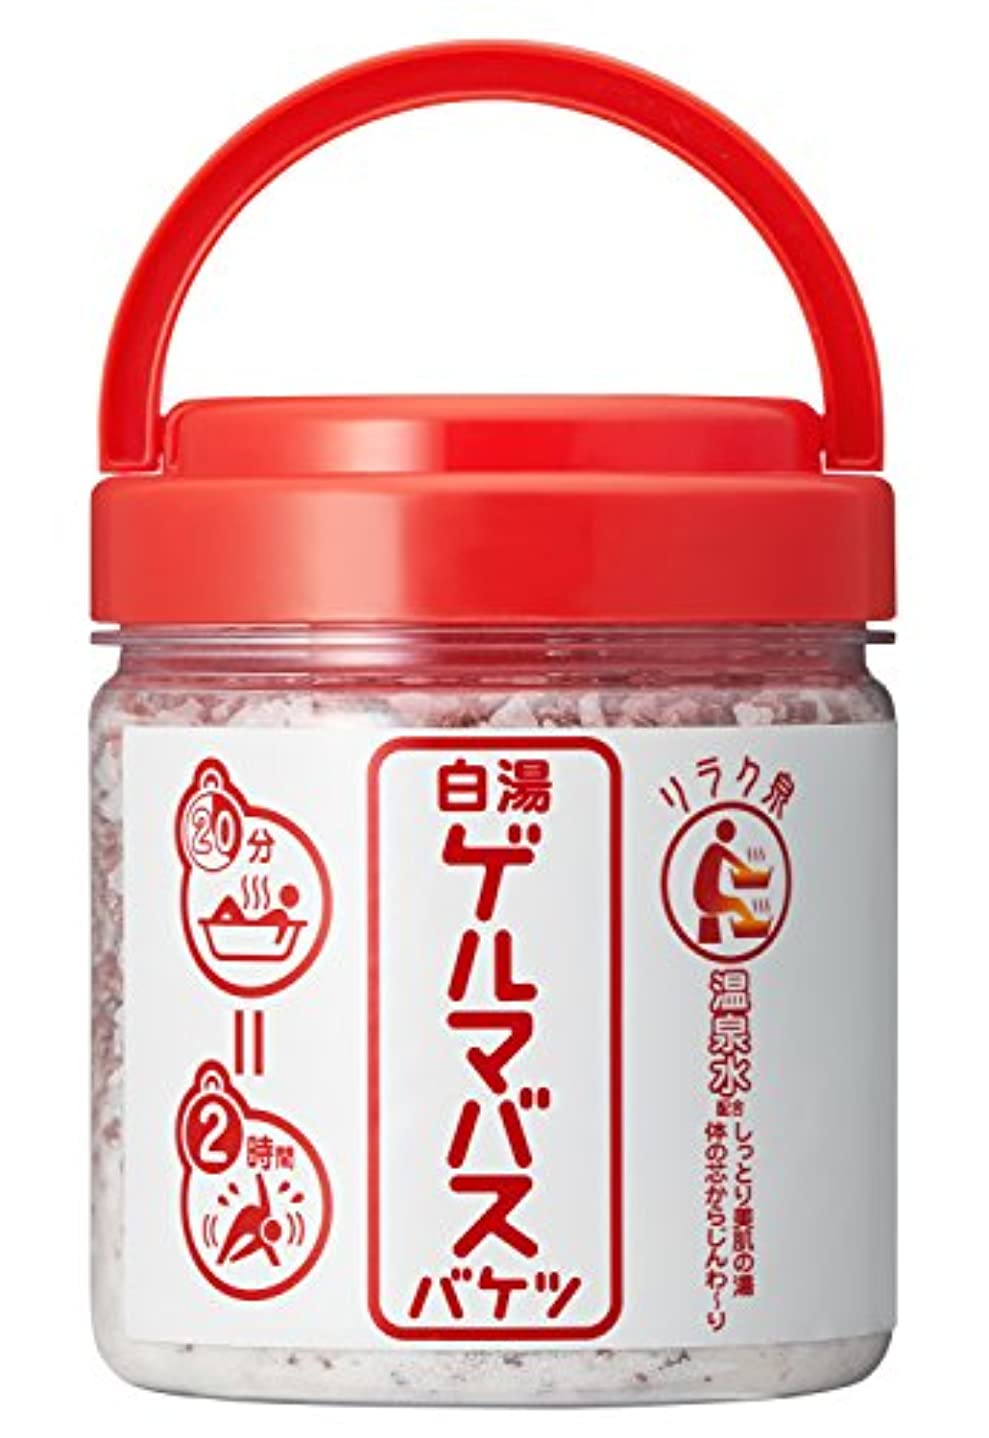 リラク泉 ゲルマバス白湯 バケツサイズ 720g